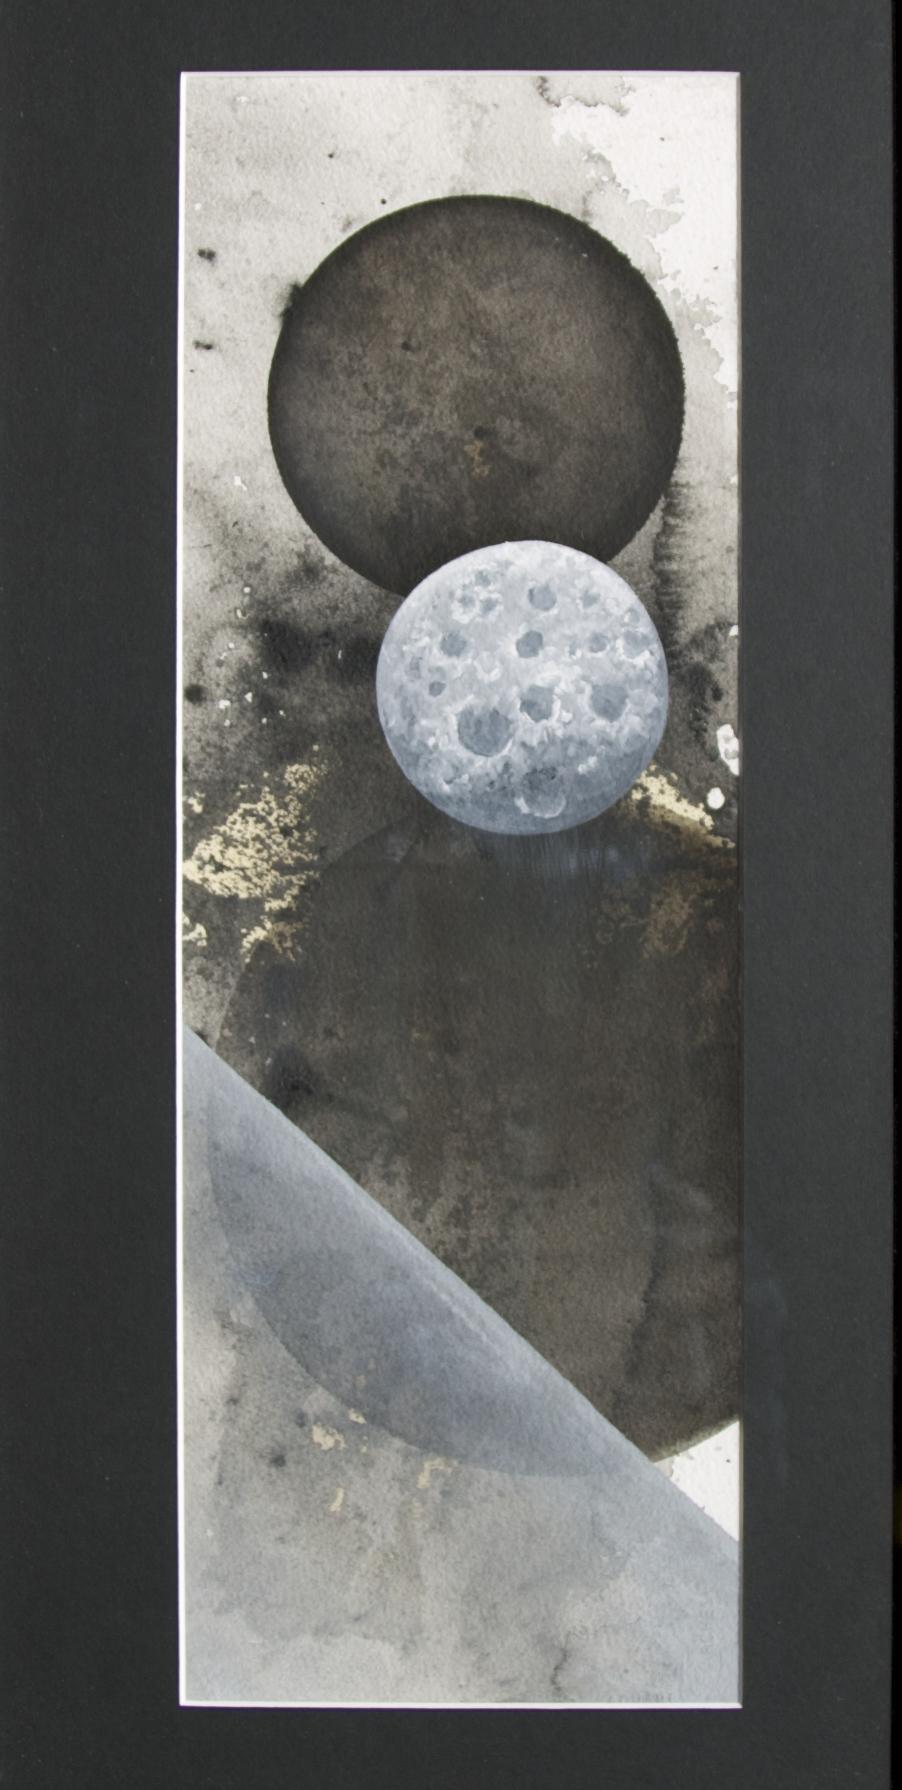 Ink, acrylic, enamel on paper 25 1/2 in. x 13 1/4 in. framed $700.00